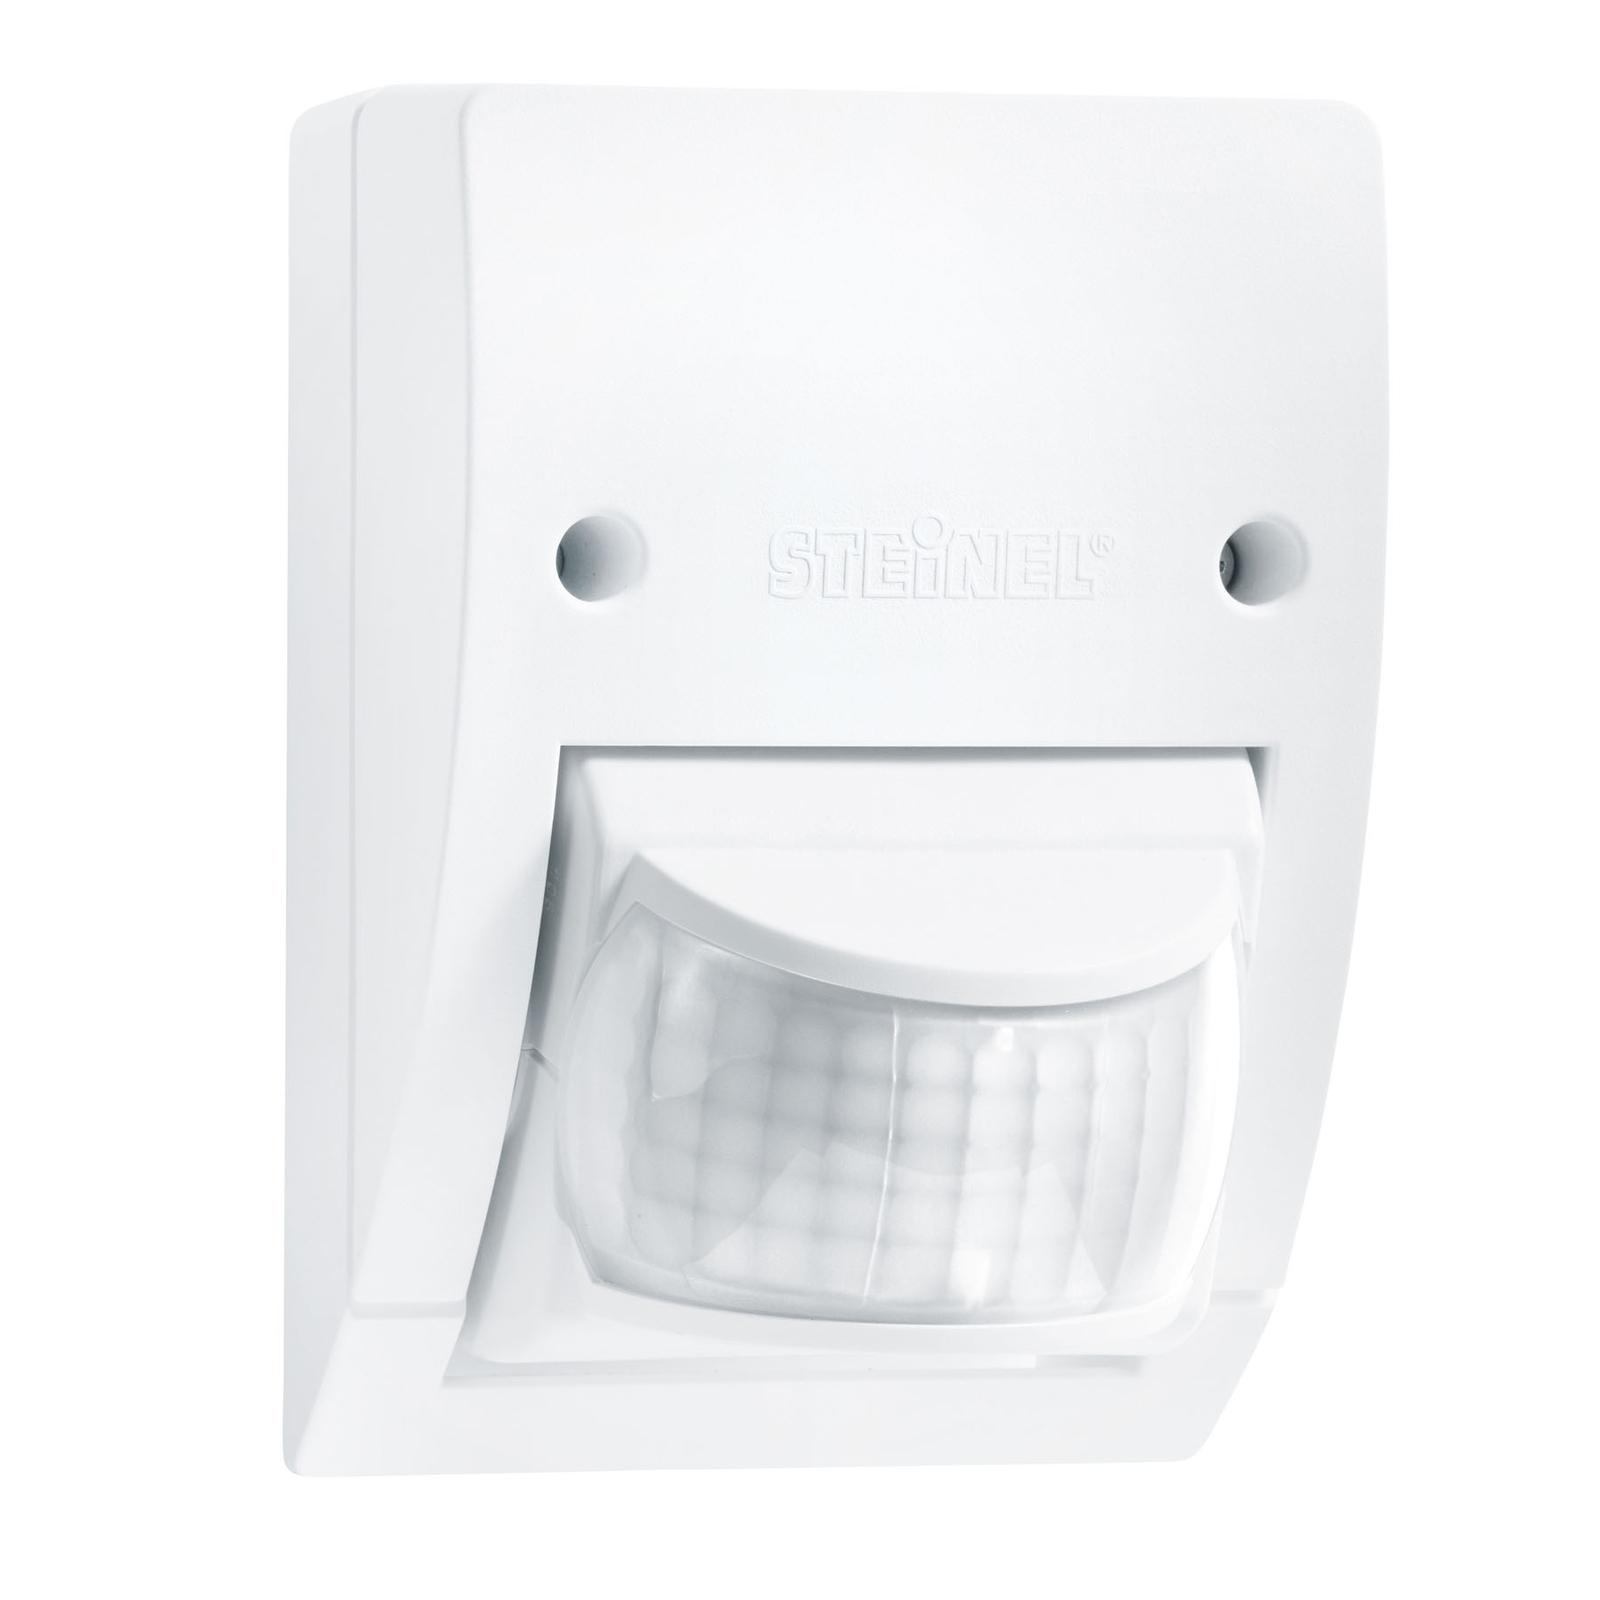 STEINEL infrarød veggsensor IS 2160 ECO, hvit